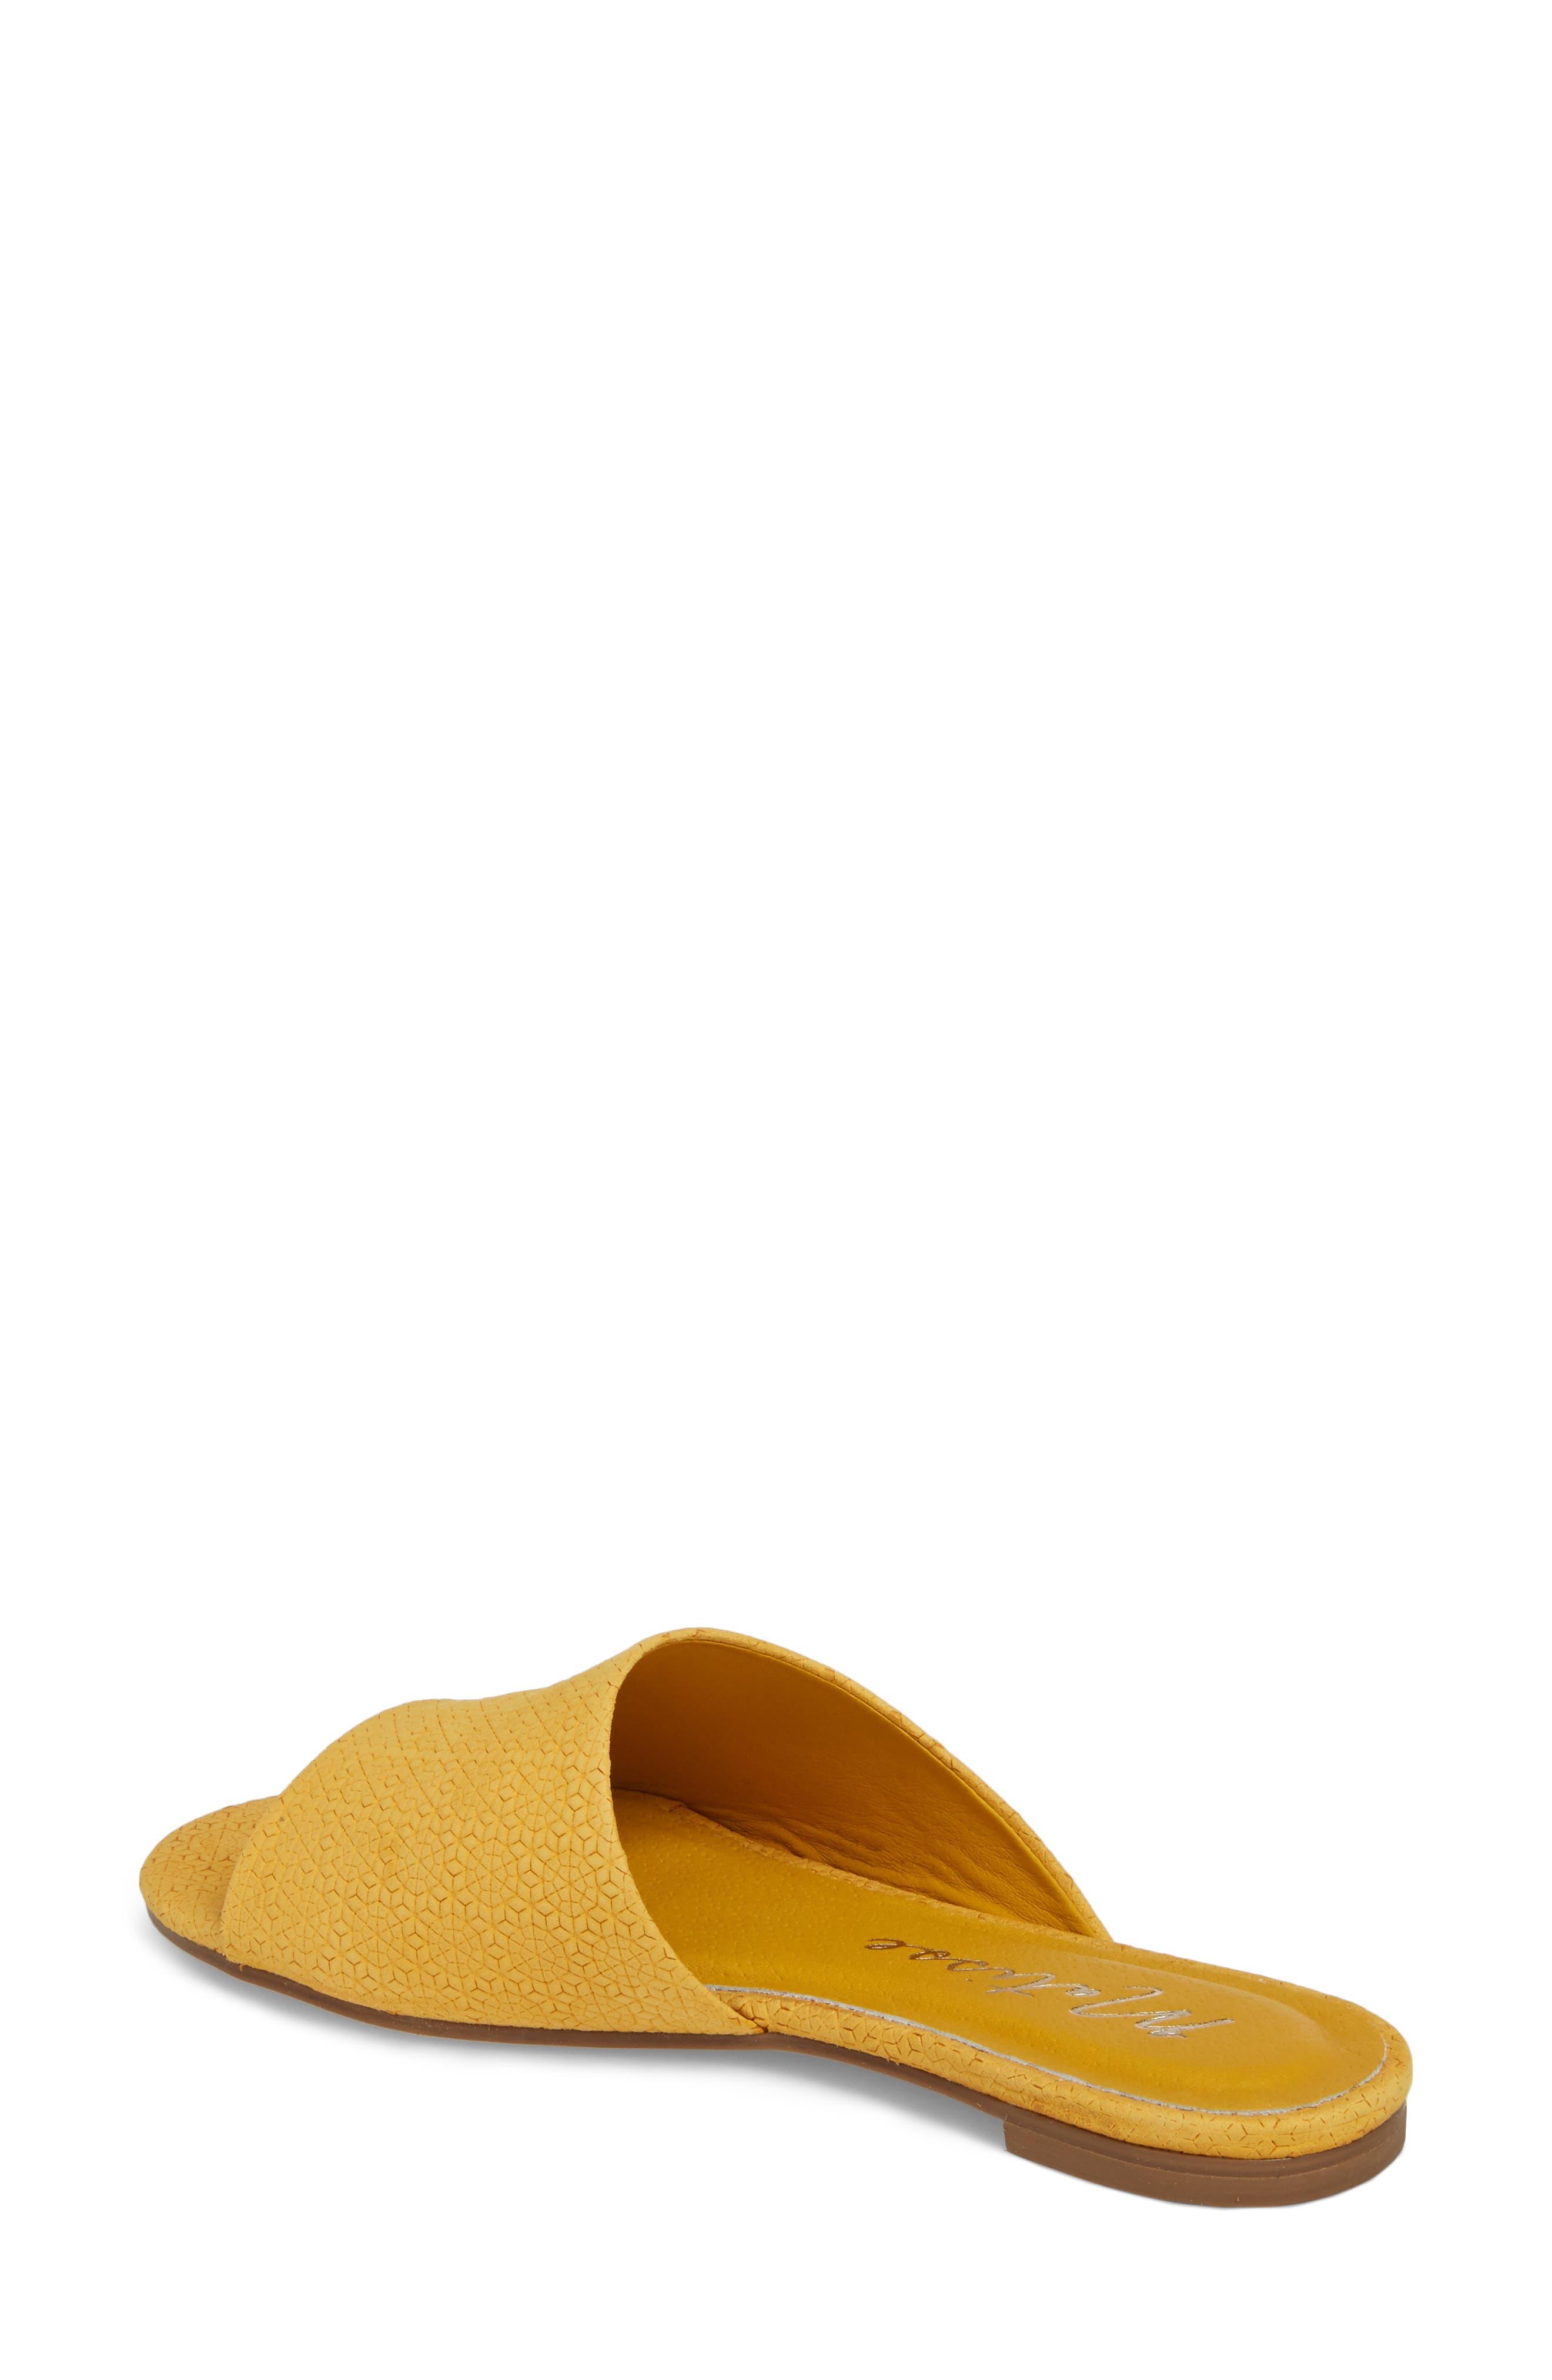 Lira Sandal,                             Alternate thumbnail 2, color,                             Mango Leather